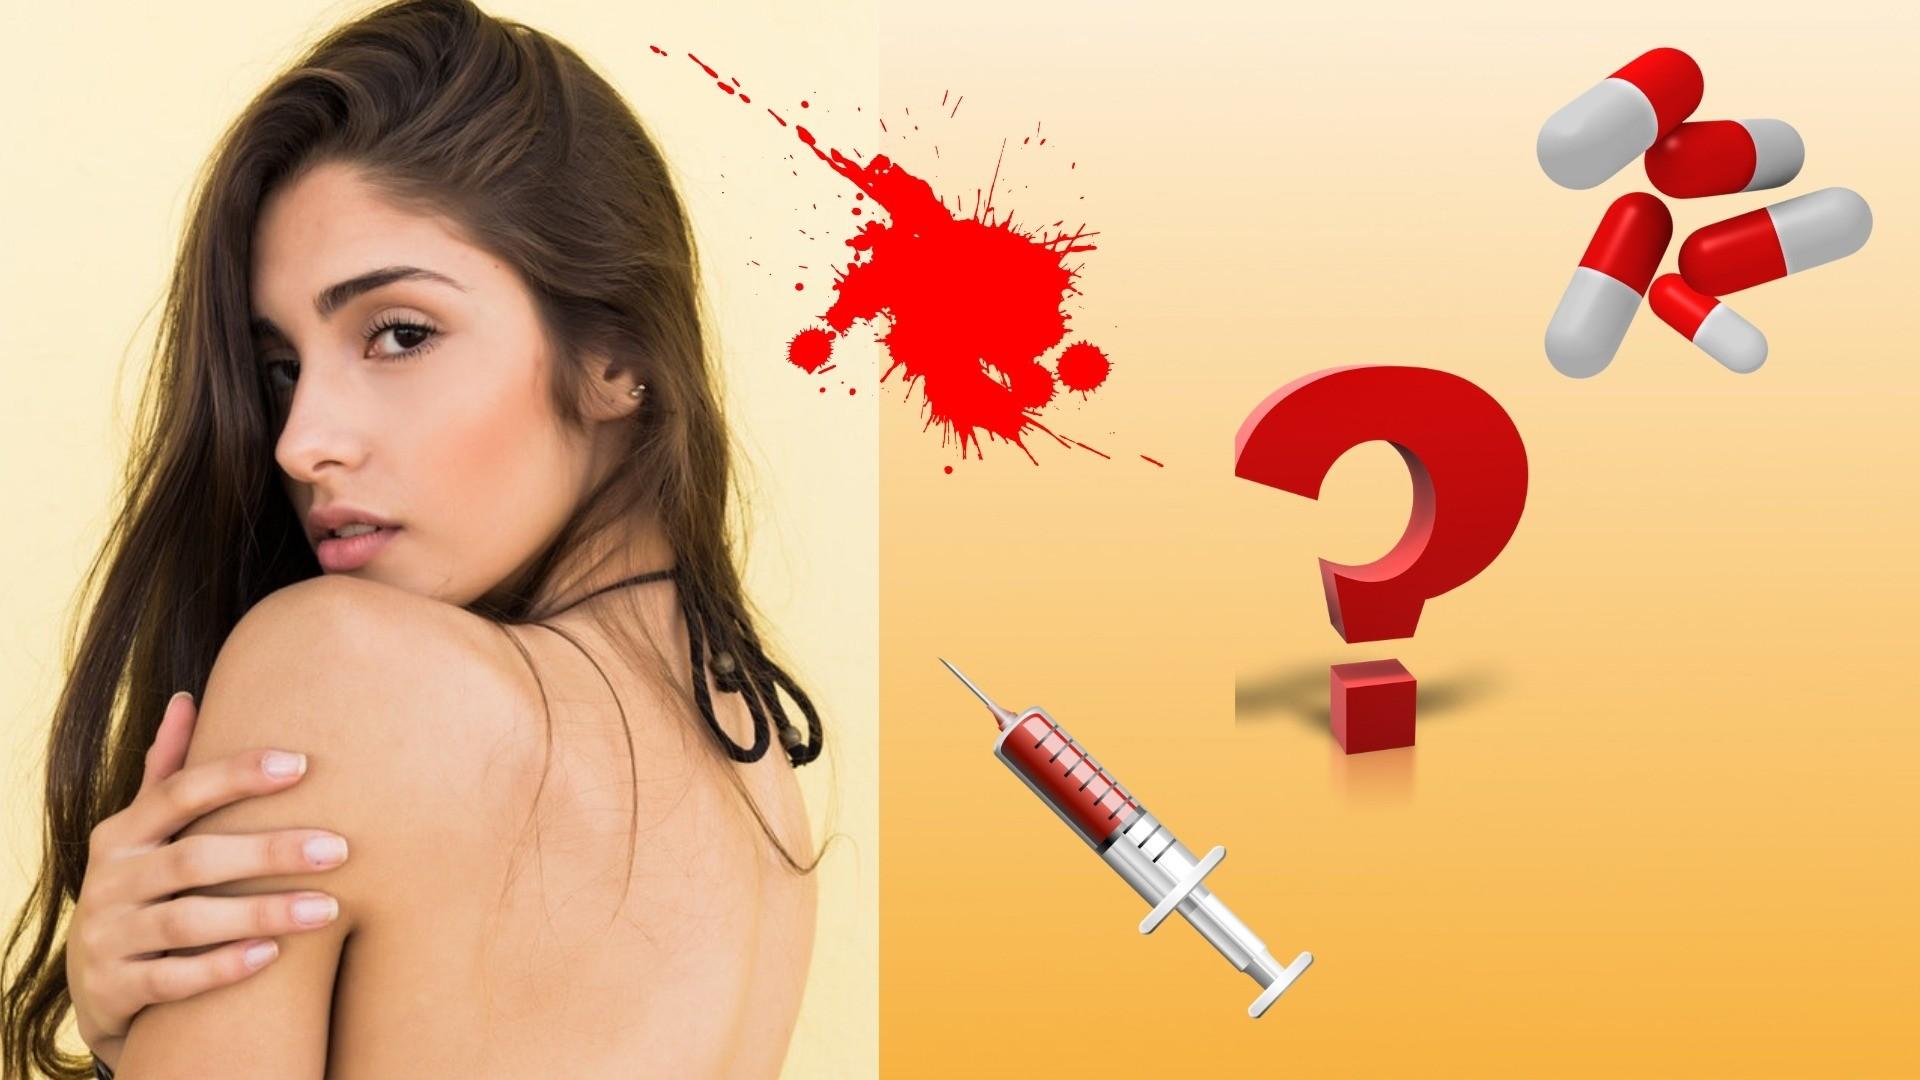 Топ-3 самых необдуманных пластических операций, на которые решаются женщины